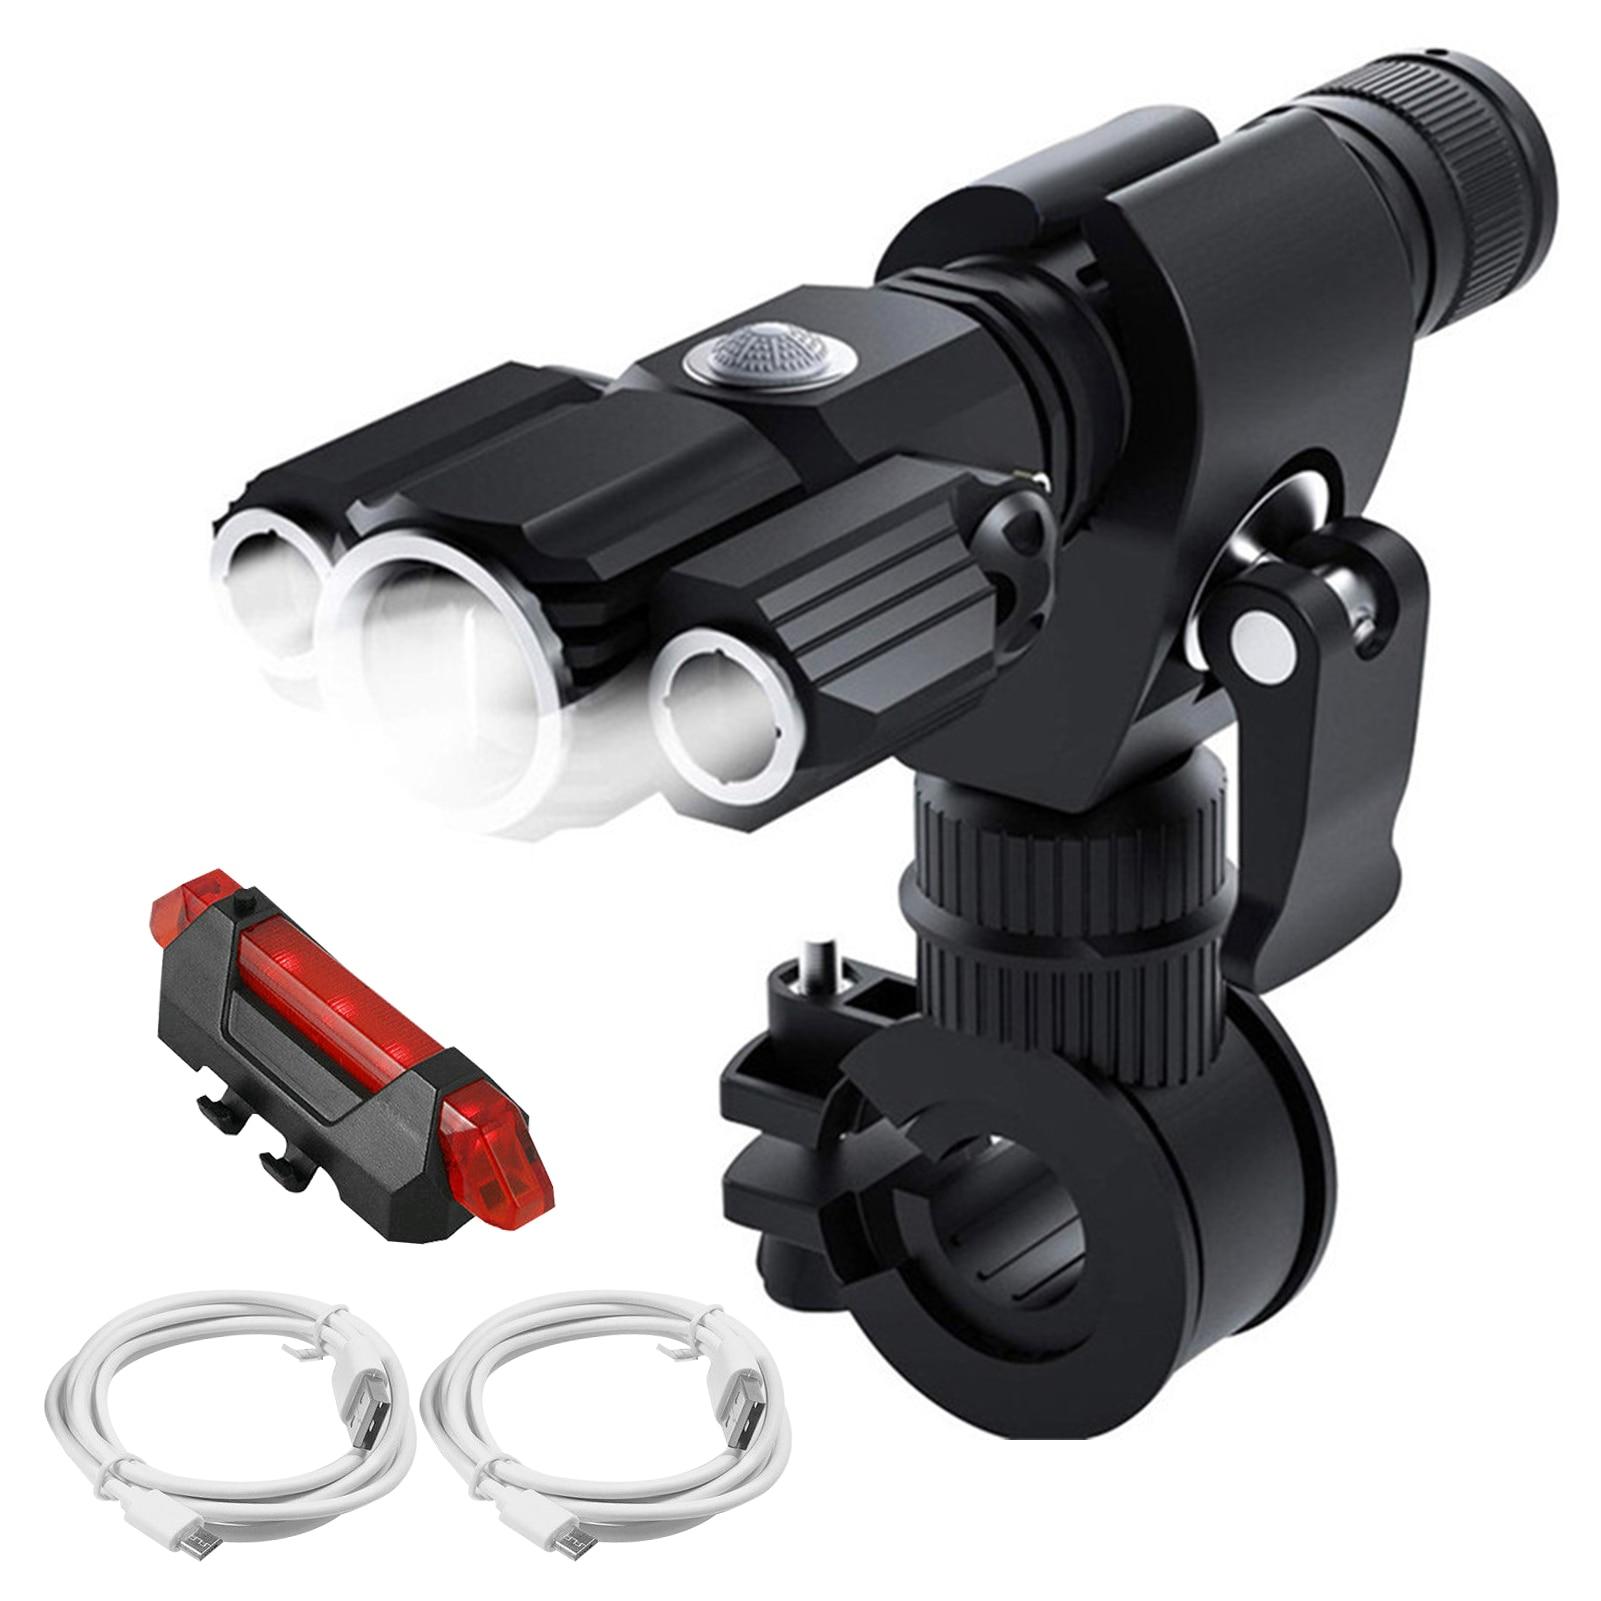 3 светодиодный суперъярких фонарика, фонари для путешествий, универсальные многофункциональные с задним фонарем, зарядка через USB, для ночной езды, экстренных ситуаций,